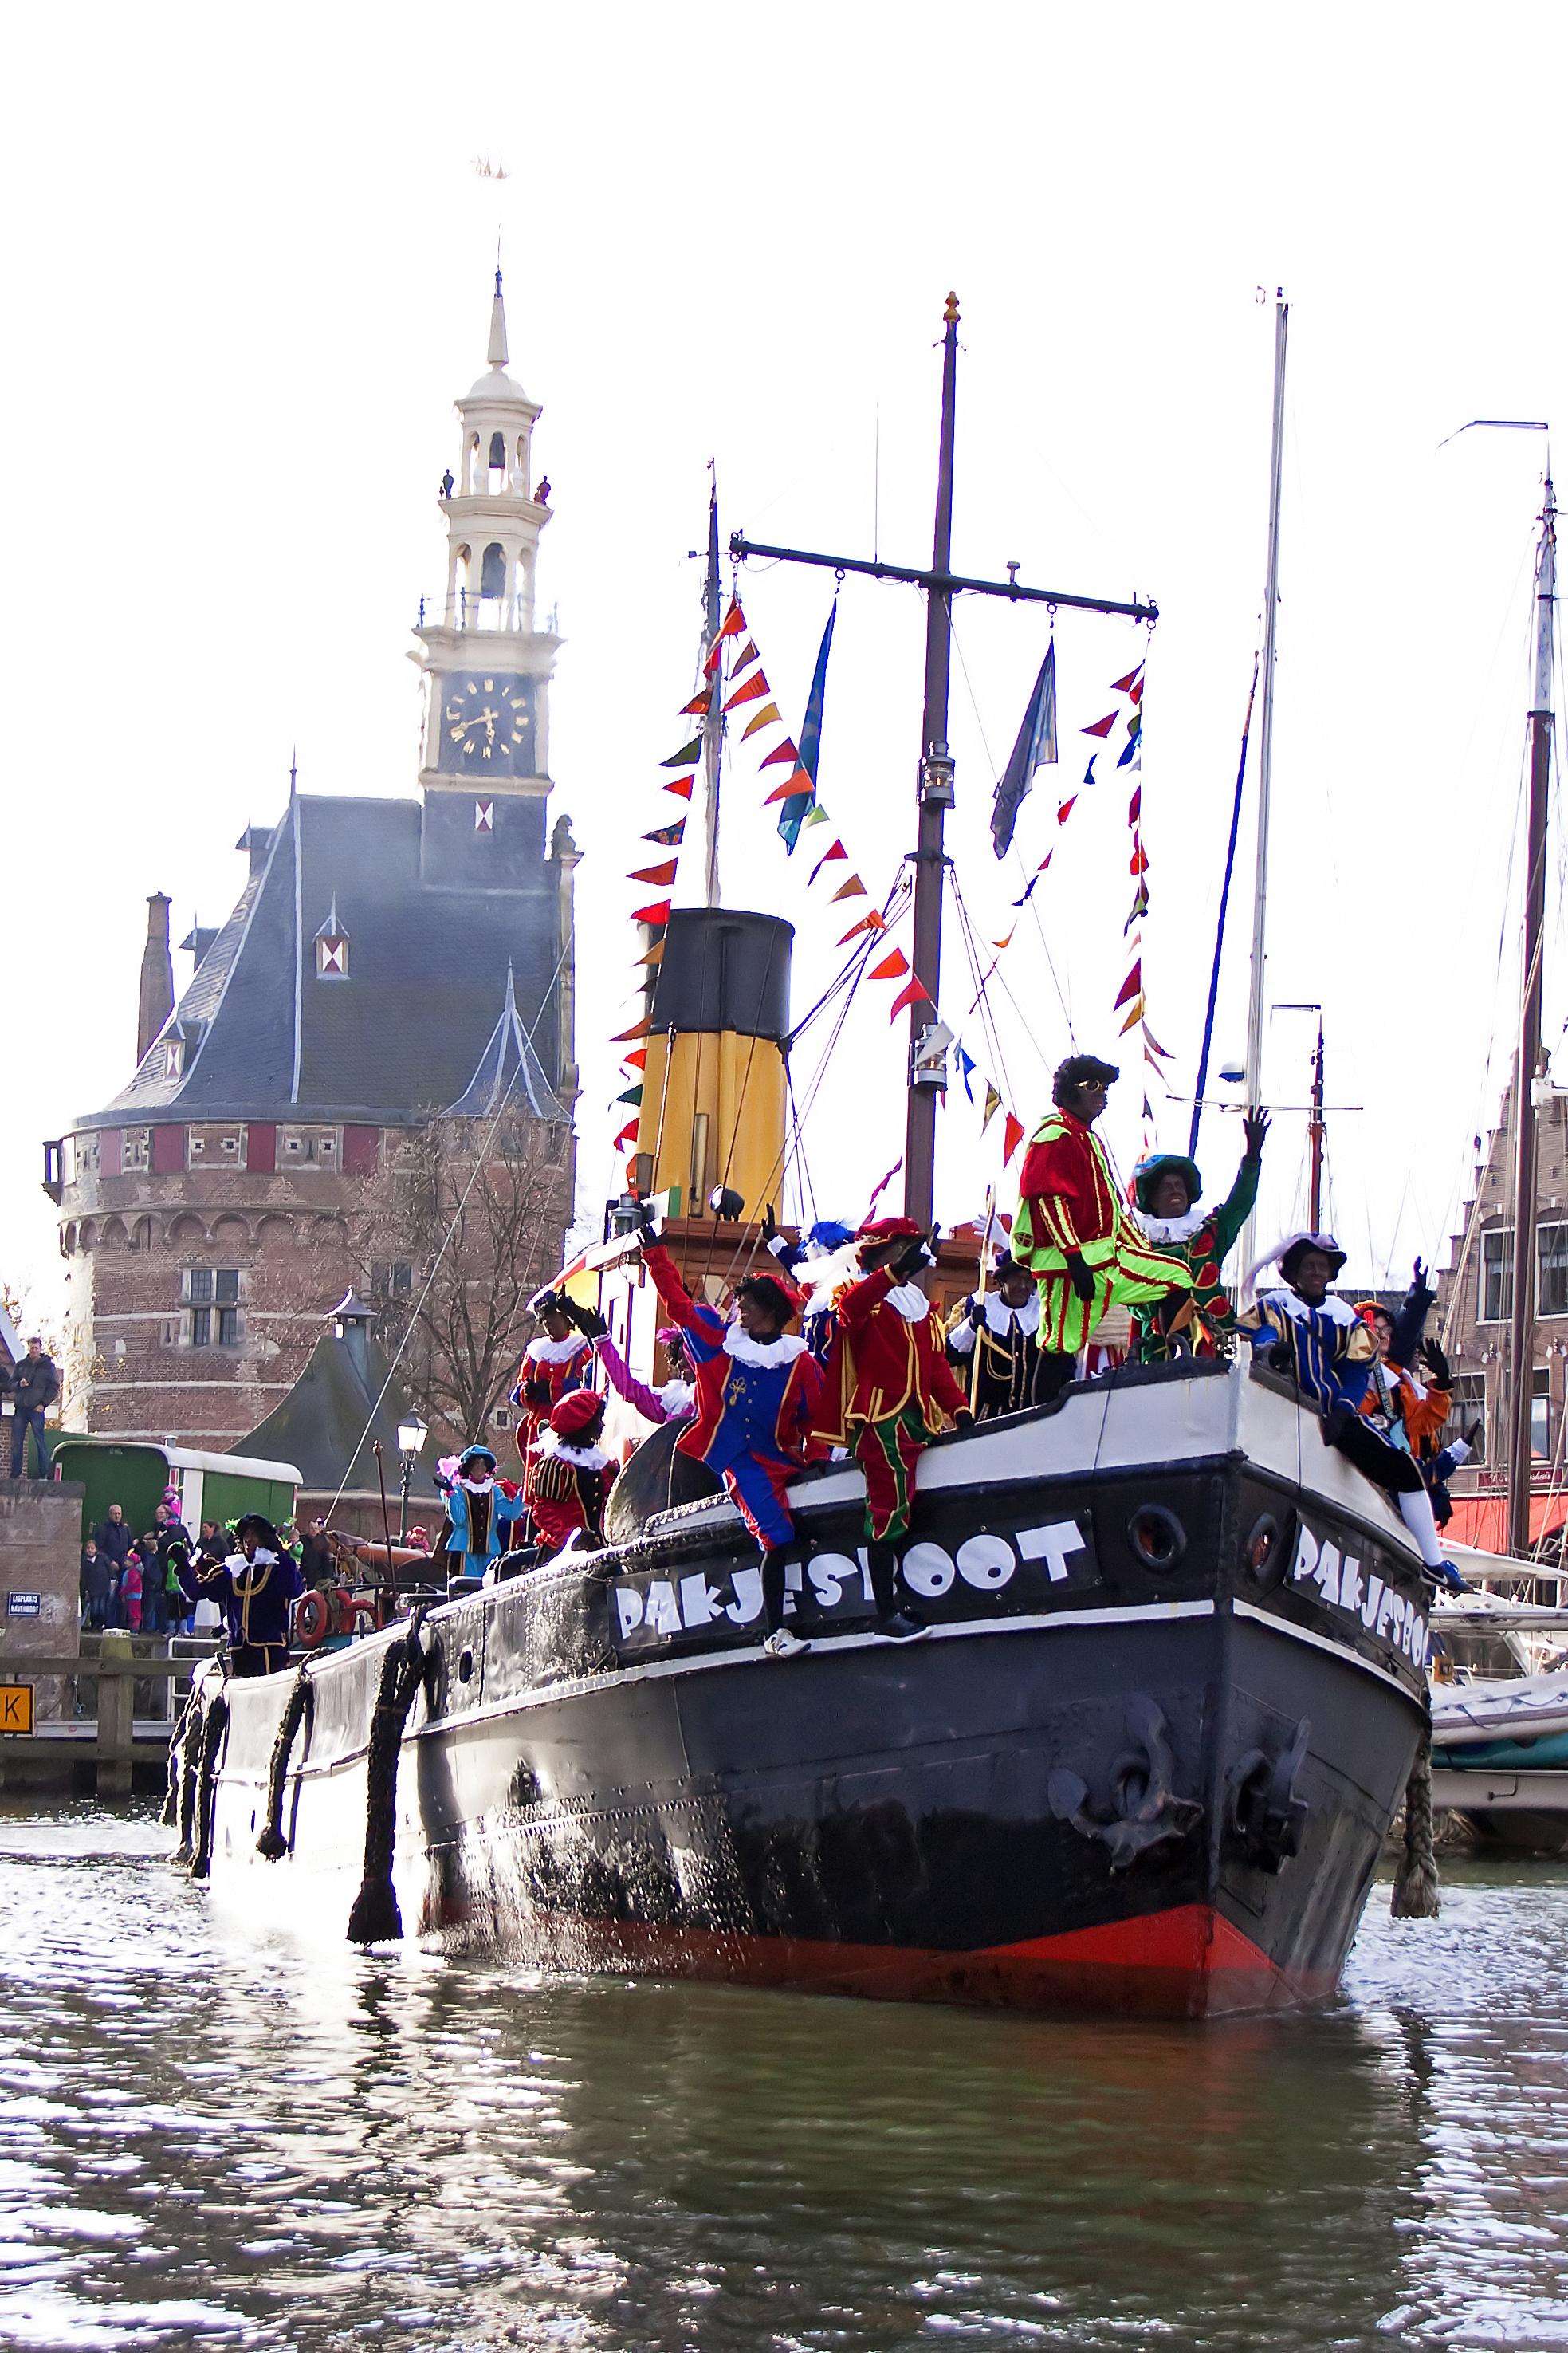 De stoomboot van Sint Nicolaas meert 17 november af in de Hoornse haven. (Foto: aangeleverd)